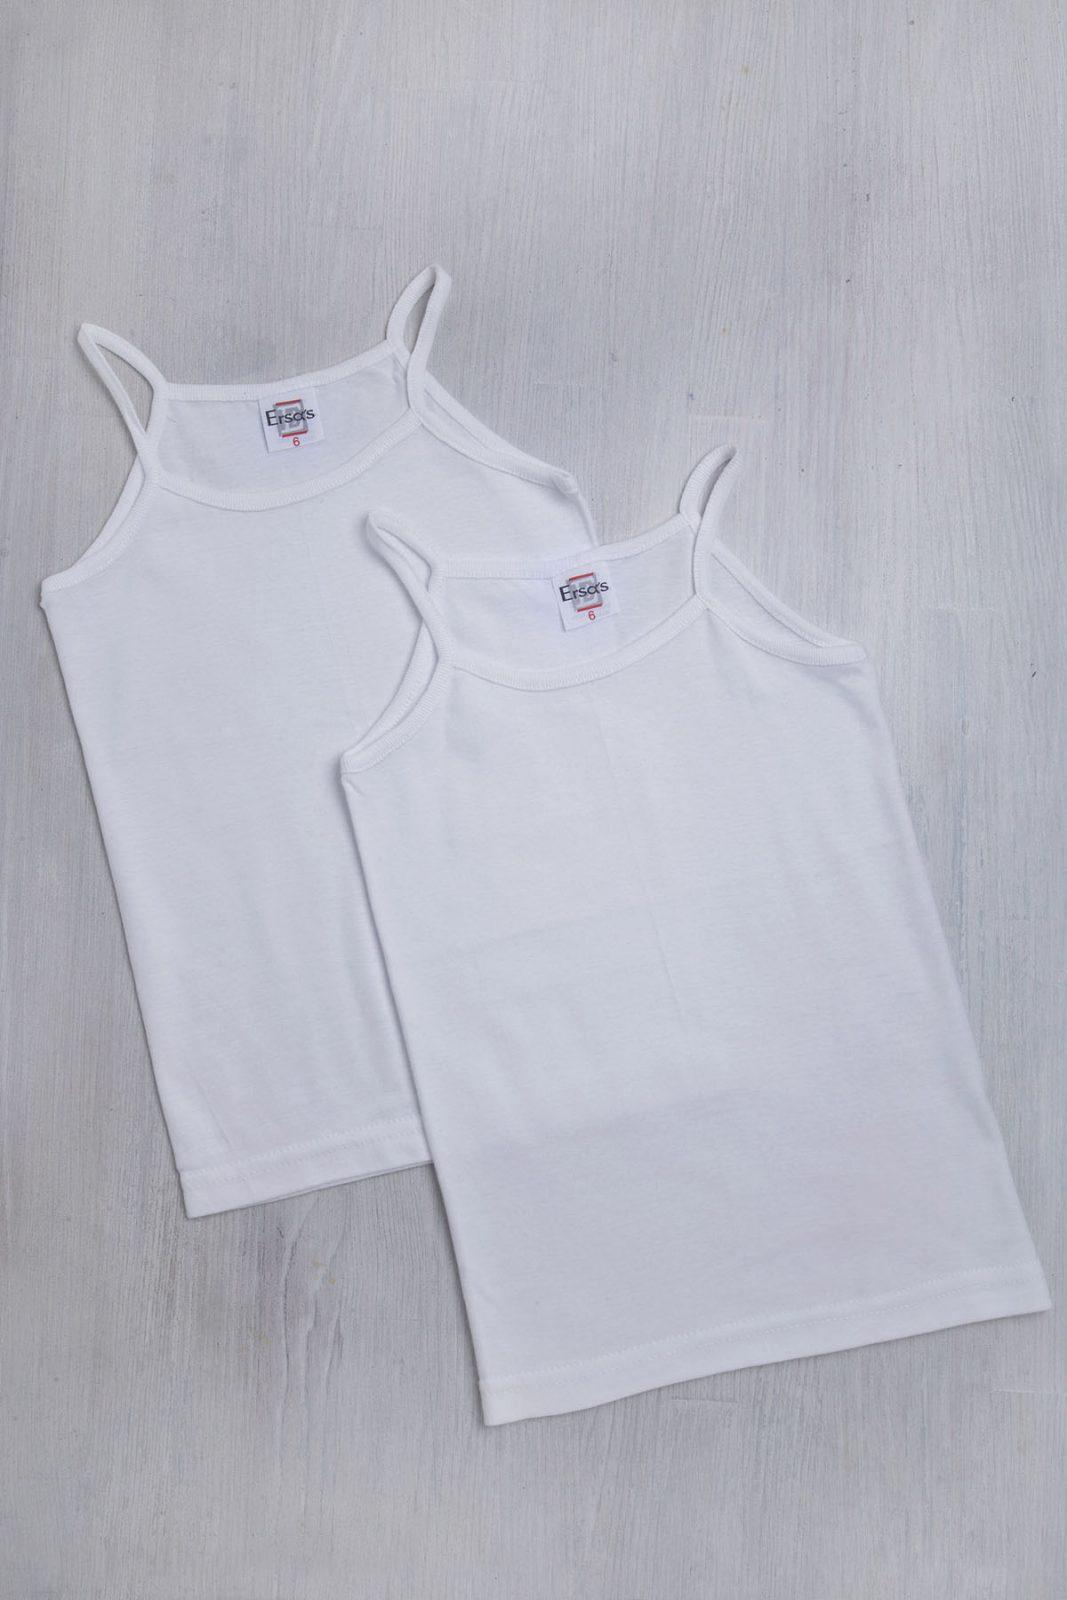 ebb4c1316af Φανελάκια για Κορίτσια - Ersas Παιδικά, Βρεφικά Ρούχα